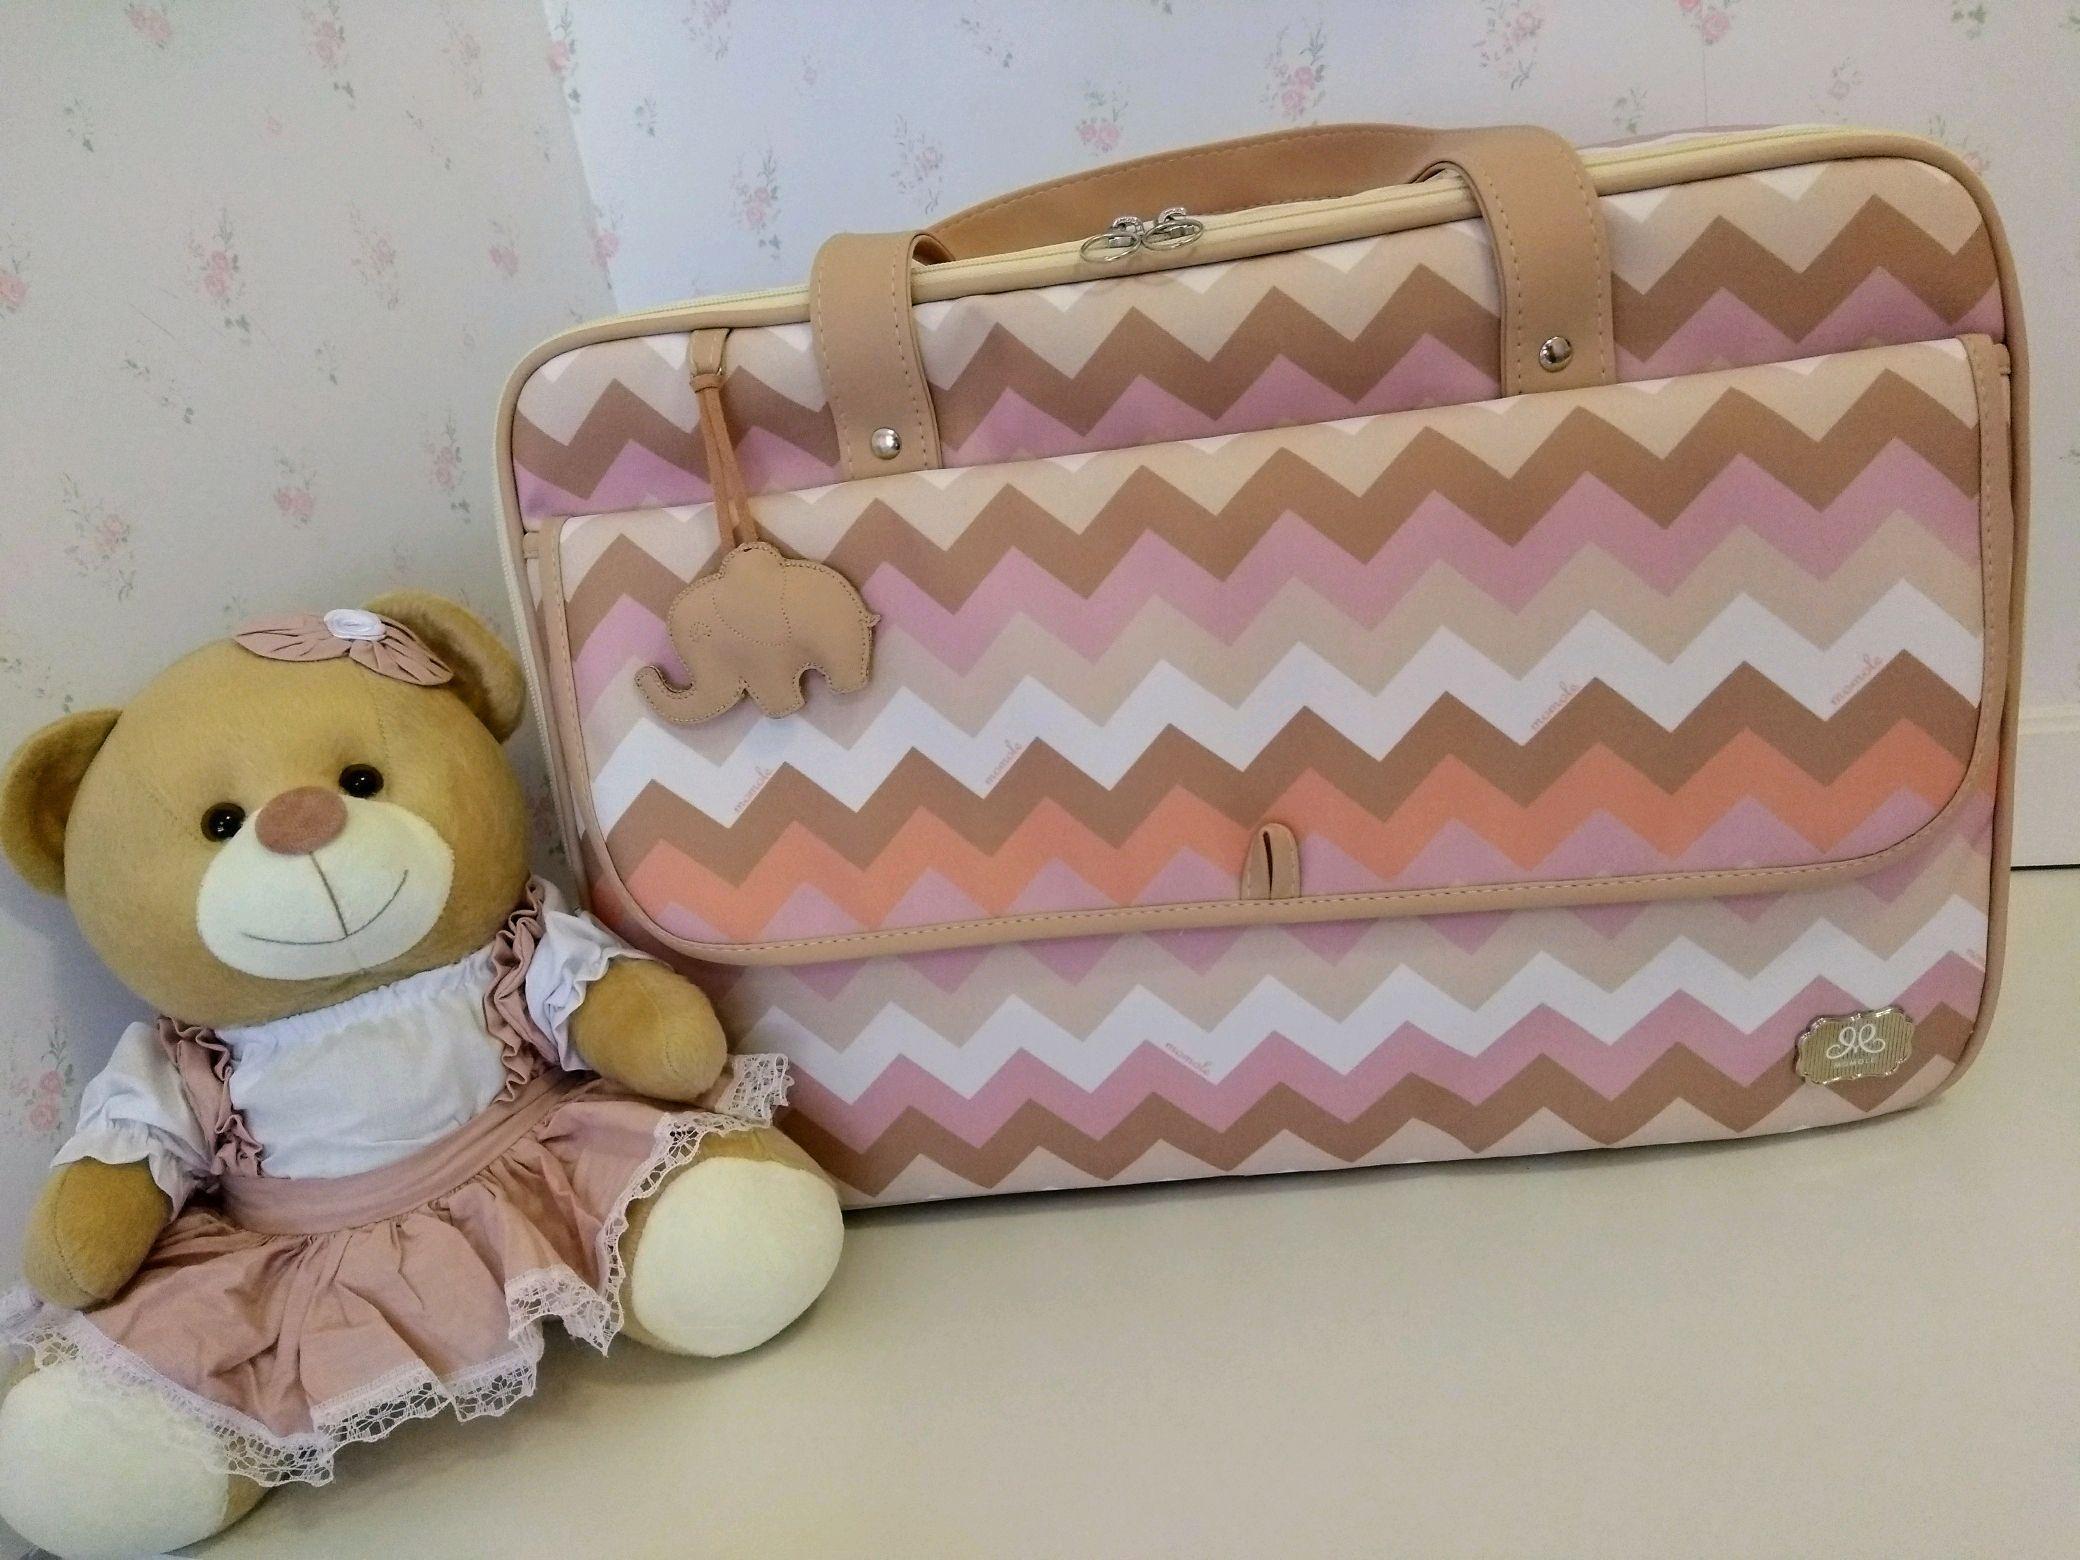 24b6cbc026 Kit Bolsas Maternidade chevron rosa clássica no Elo7